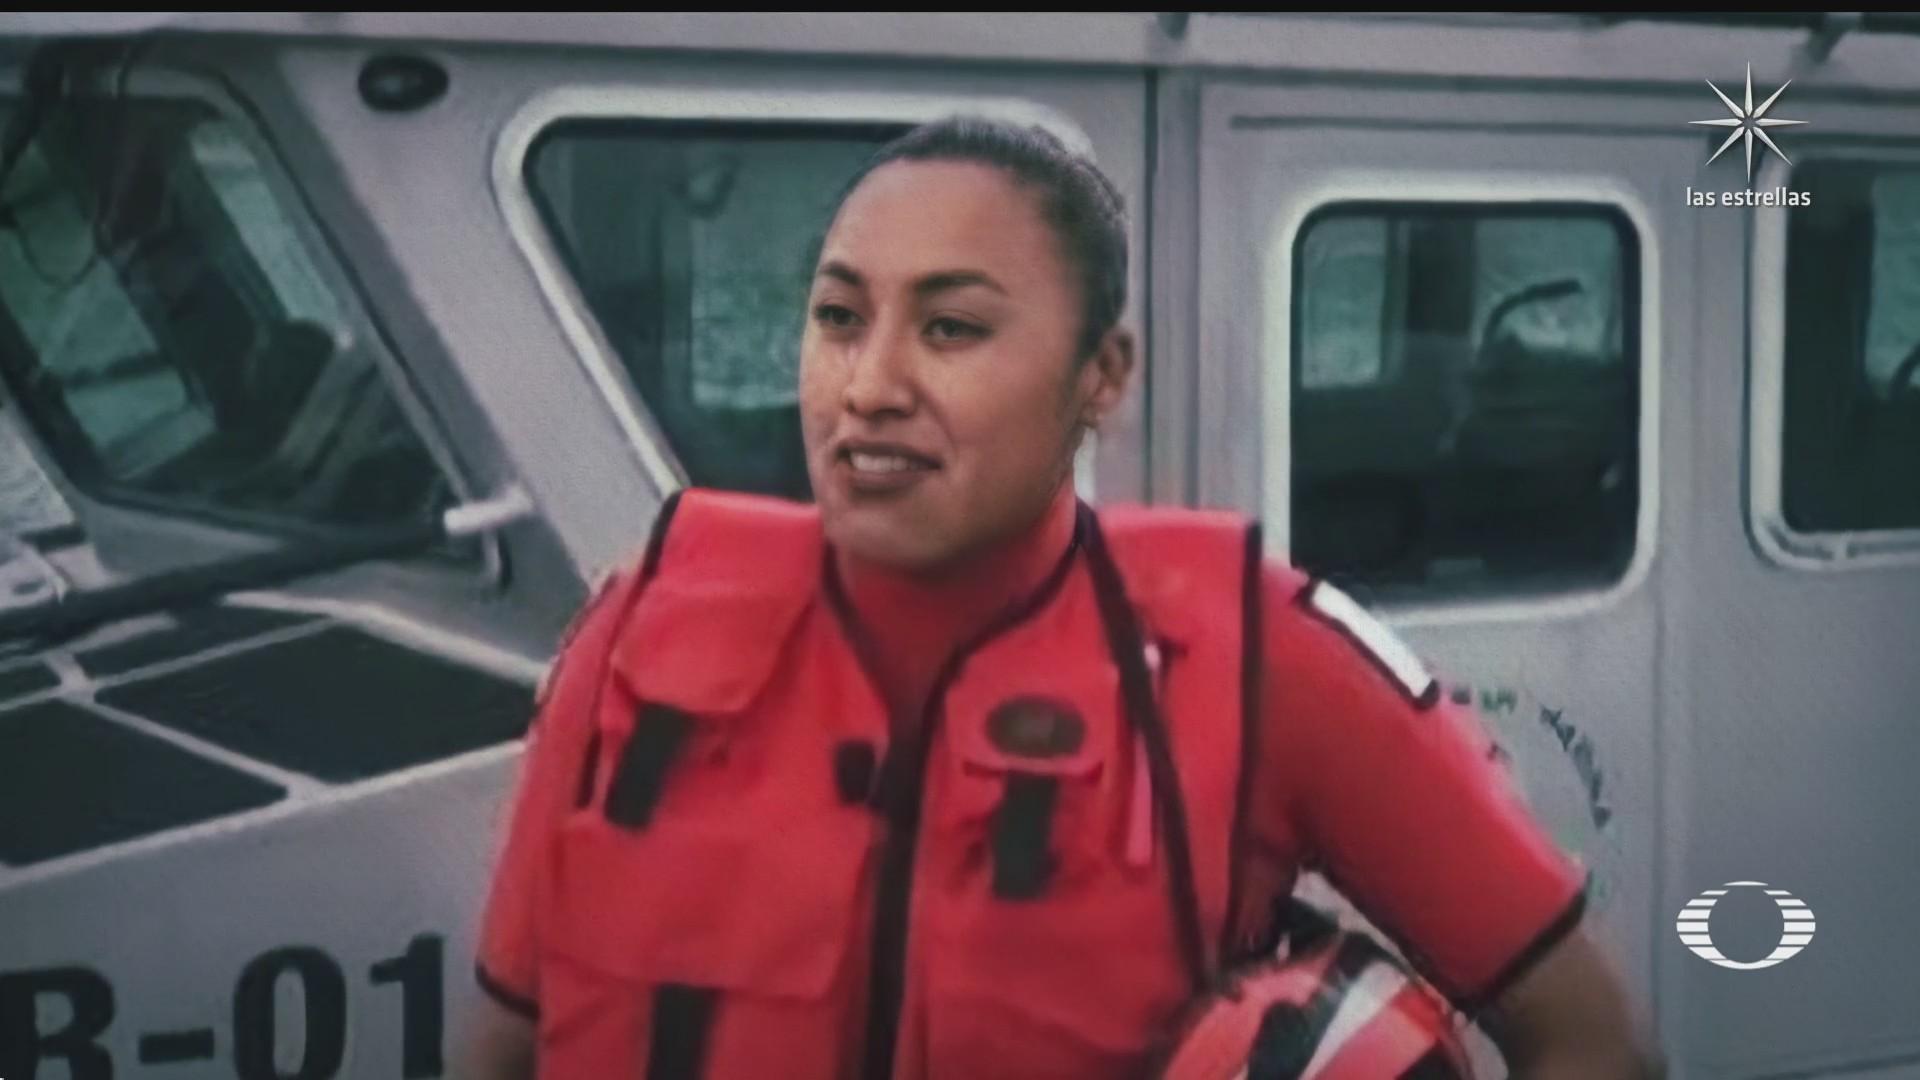 reconocen valentia de personal de la marina durante rescate a embarcacion